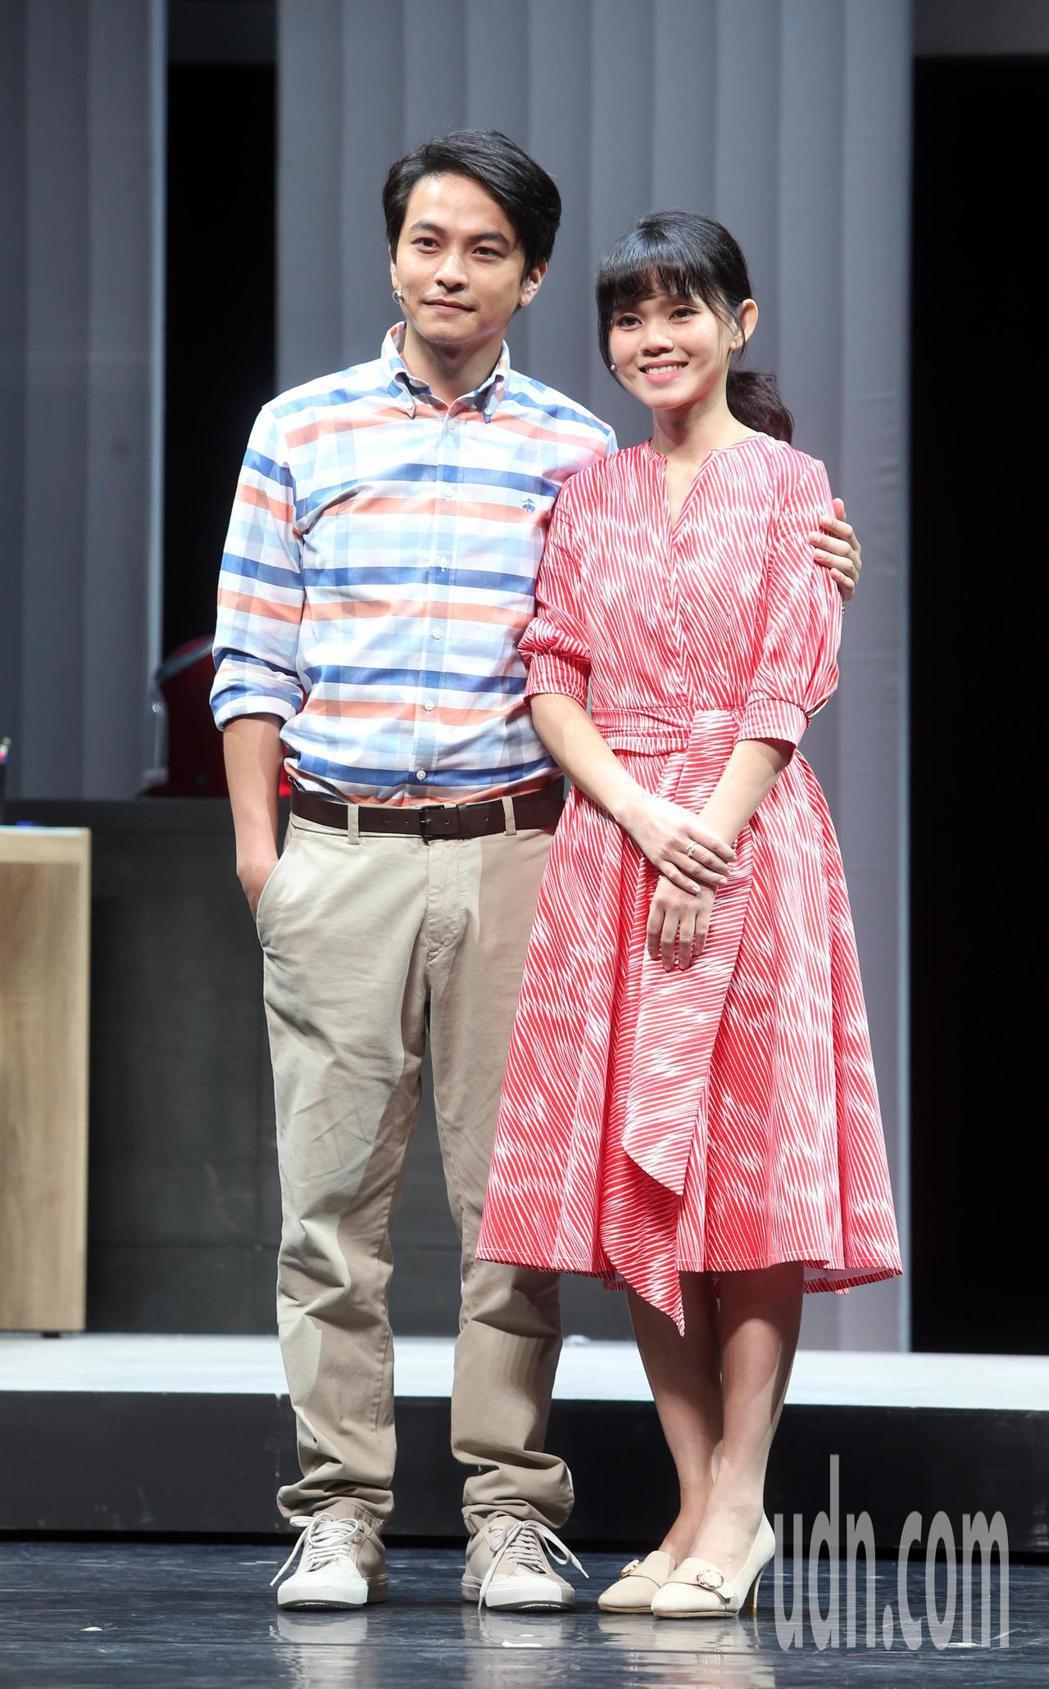 「我們與惡的距離」劇場版彩排,李劭婕(右)、楊銘威等人出席。記者曾吉松/攝影